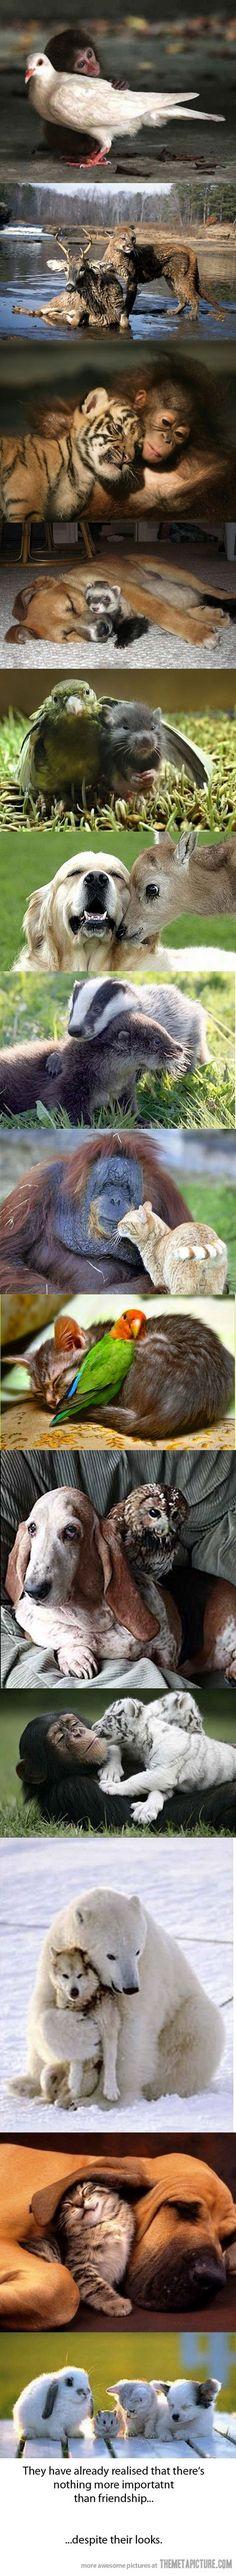 Los amo los amo .... Los aaamooooo... No hay mejor compañia que un animal.... Ellos si saben el verdadero significado del amor y amistad...